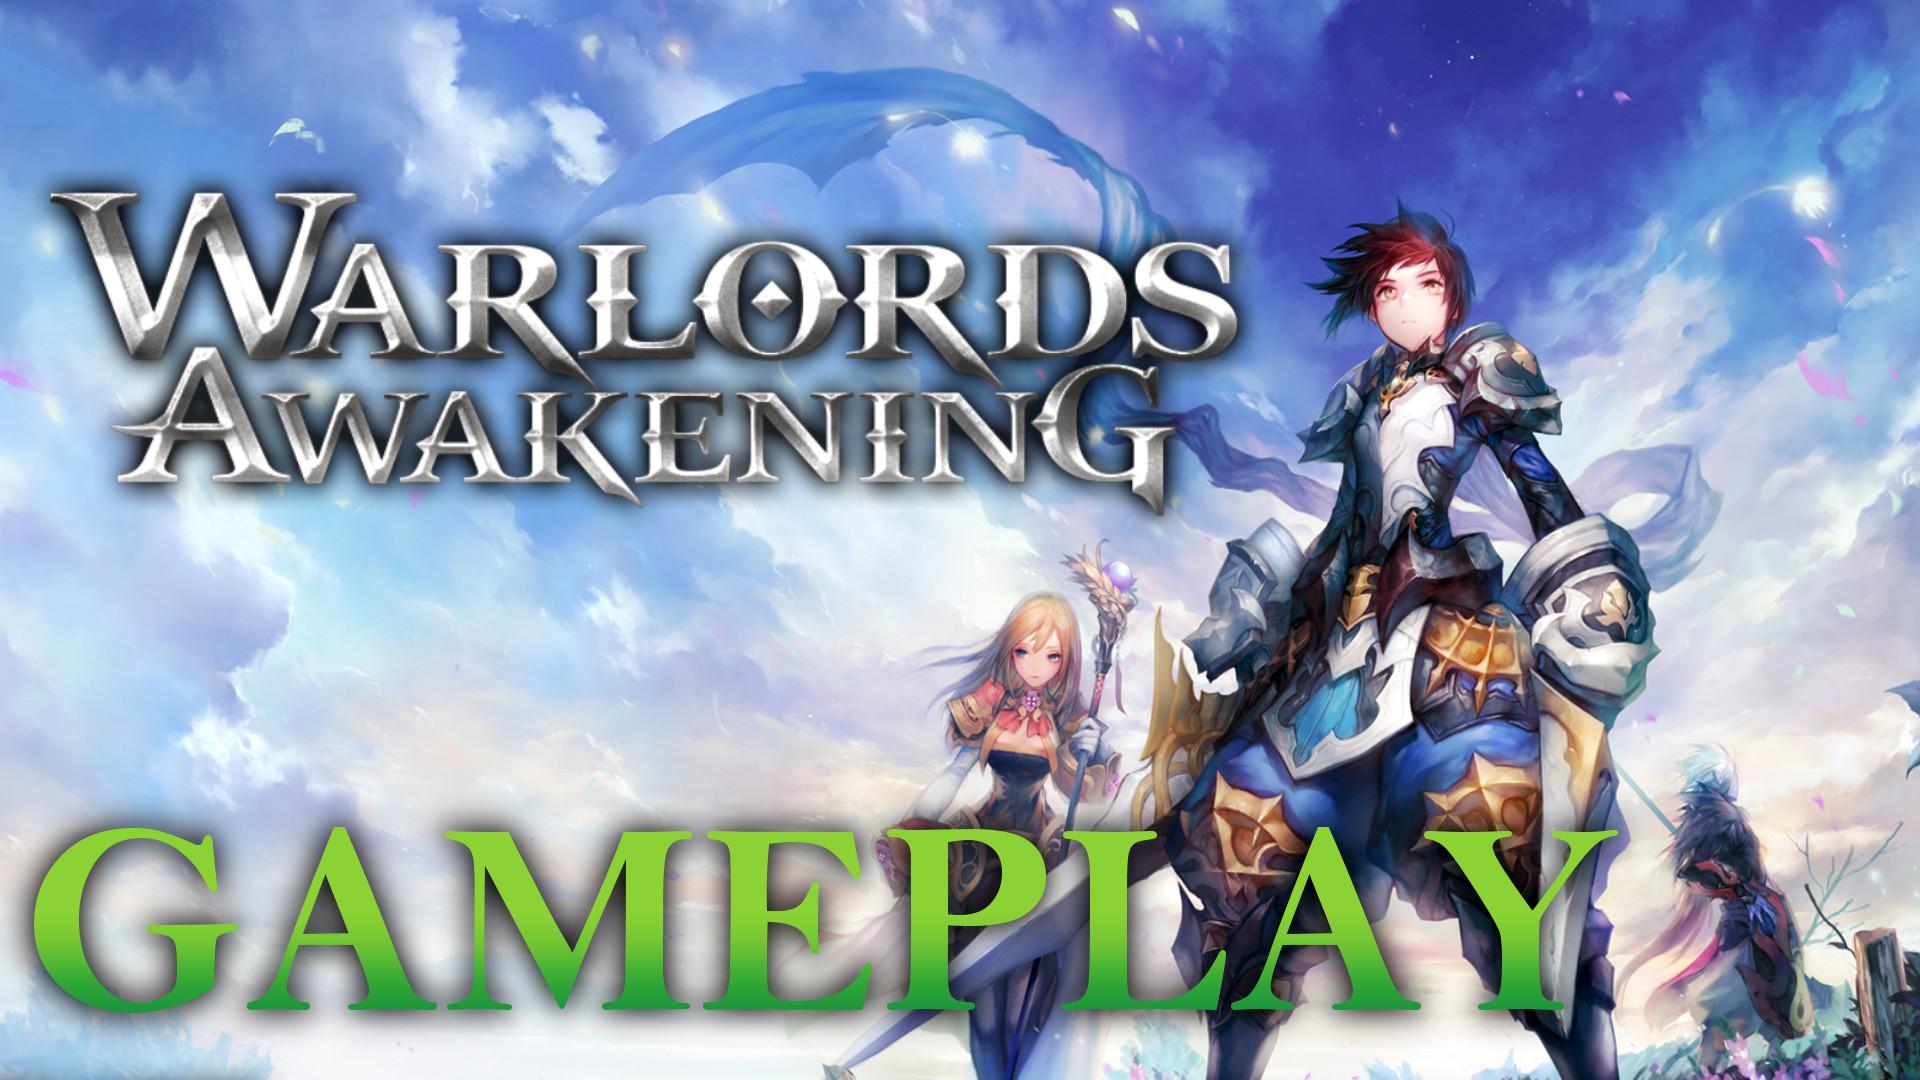 Warlords Awakening Gameplay